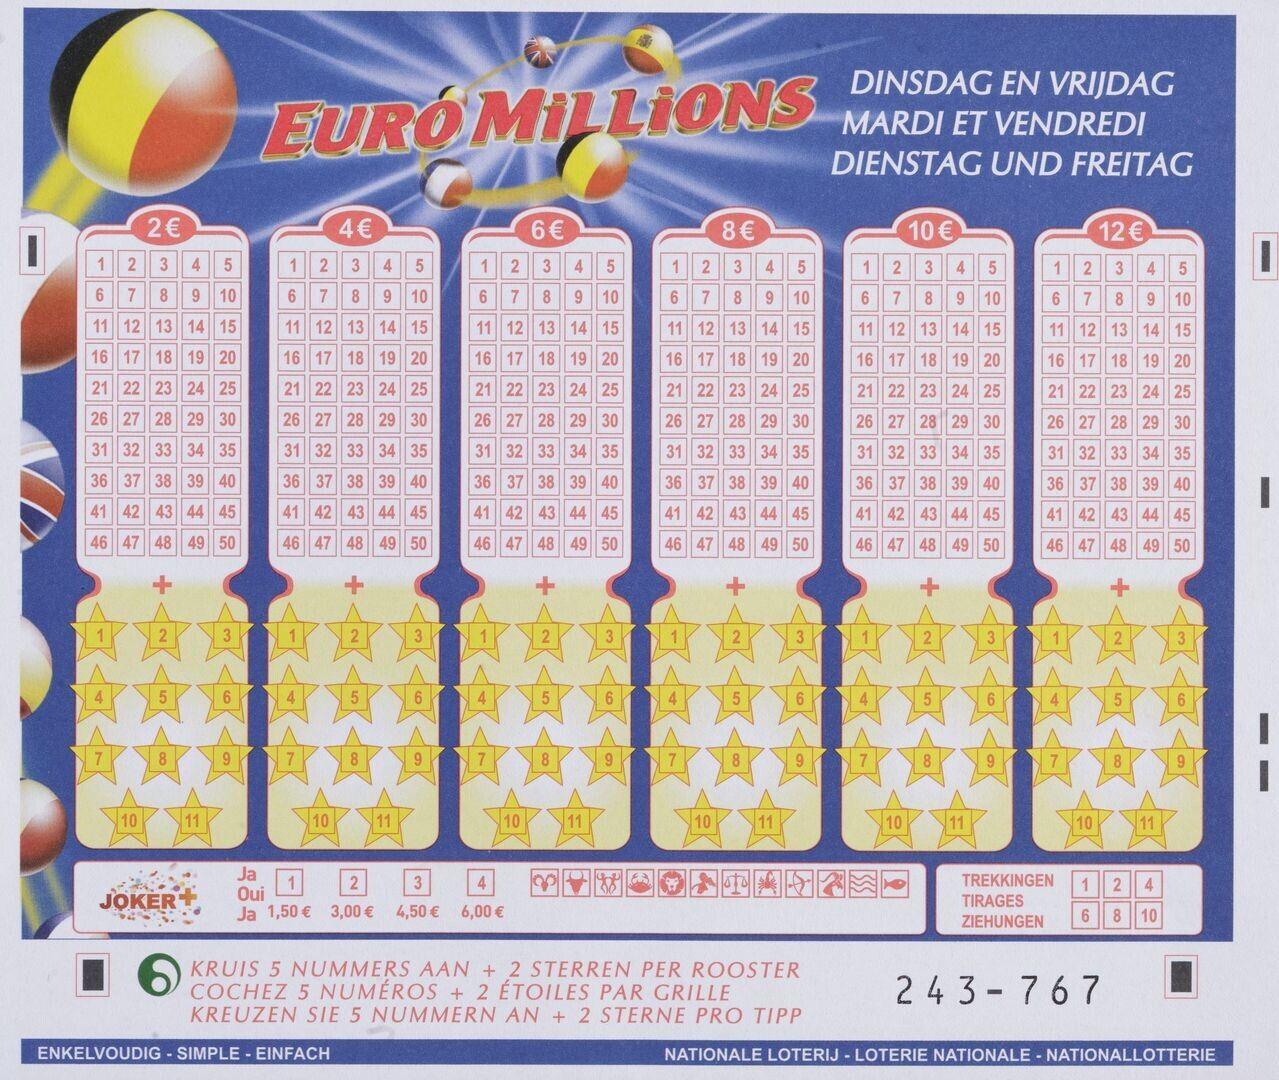 Lotto Nl Uitslagen